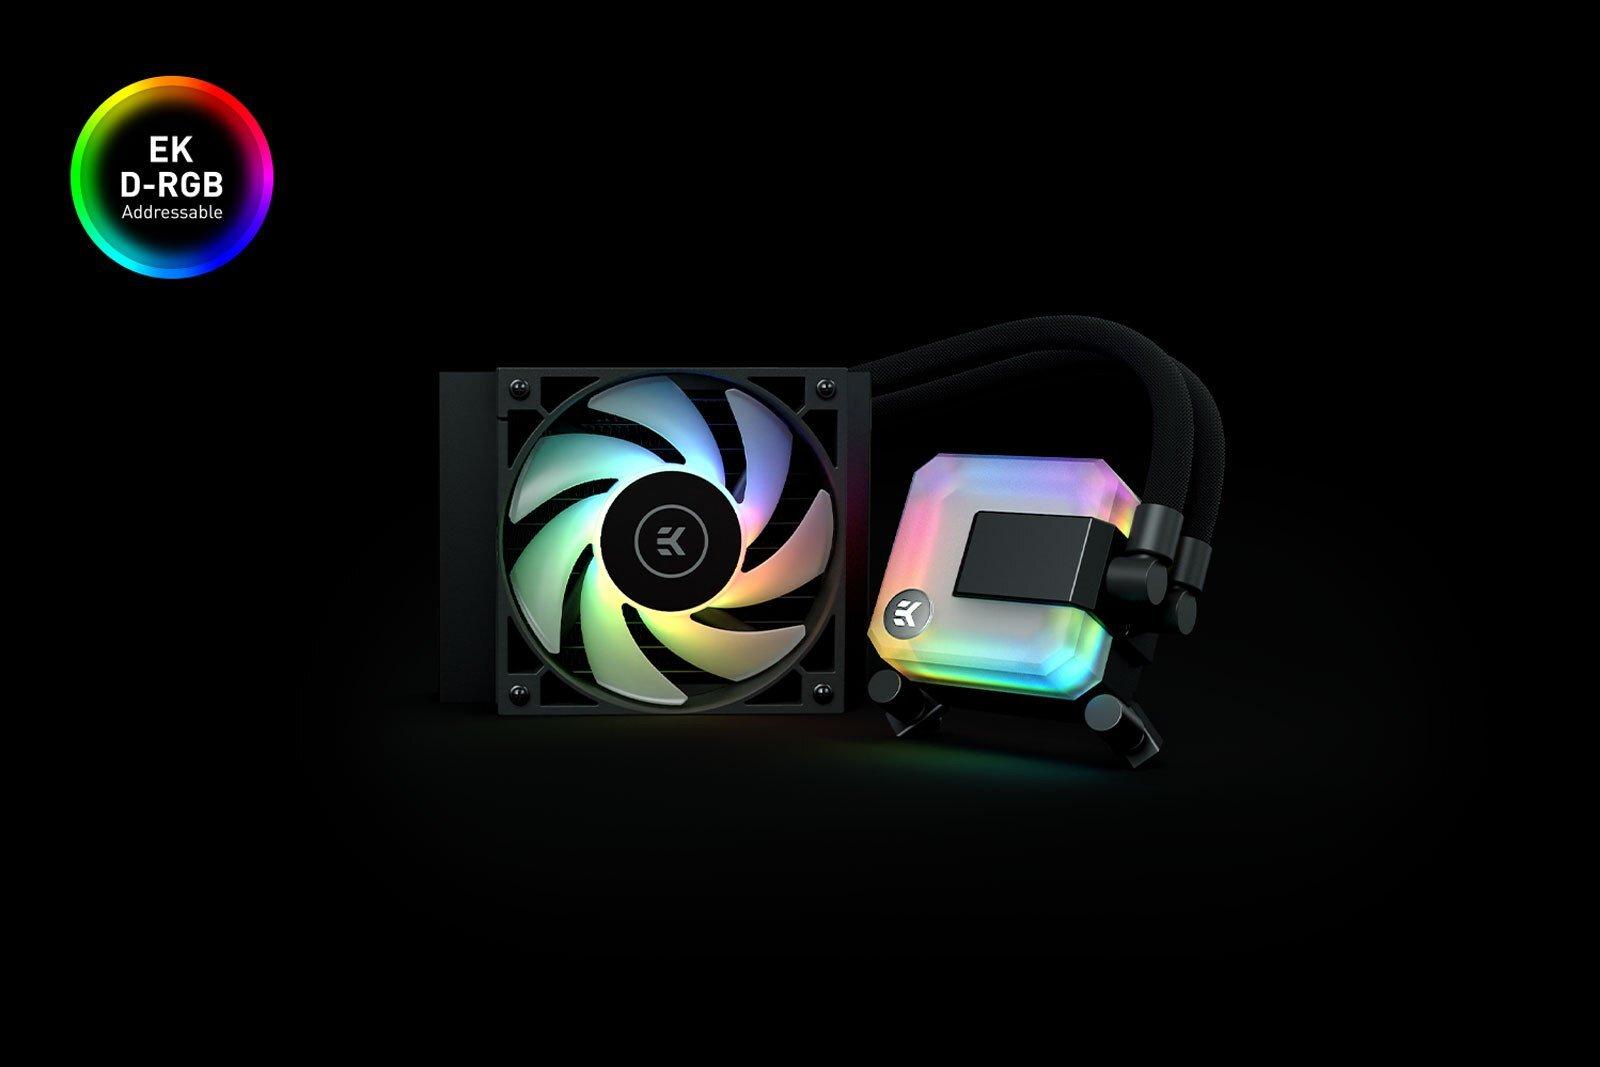 EKWB EK-AIO 120 D-RGB